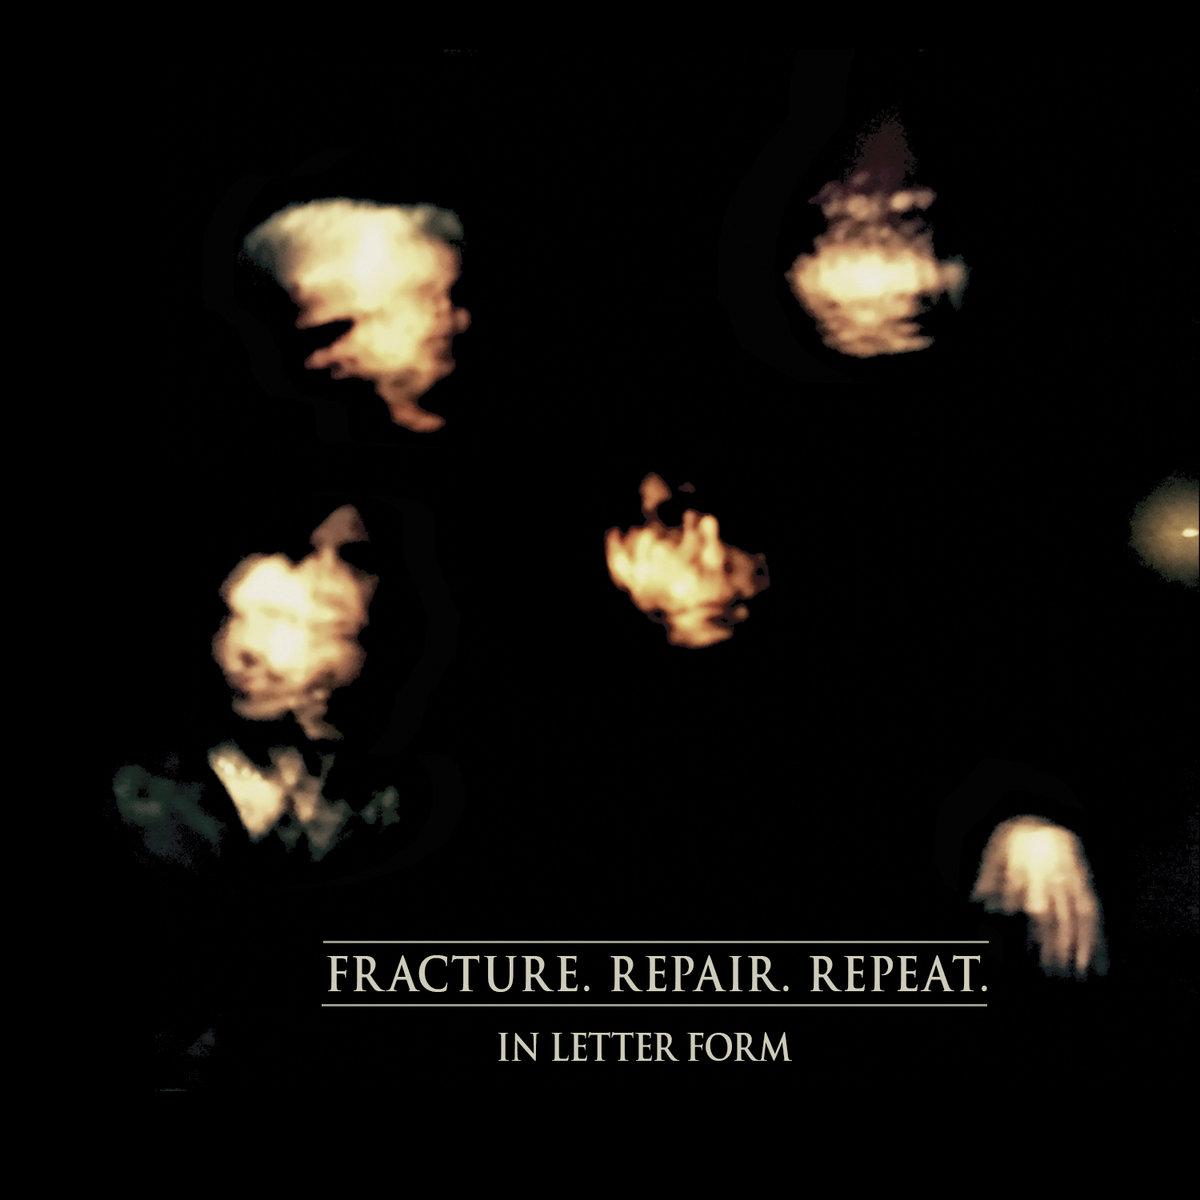 Fracture. Repair. Repeat. | Metropolis Records